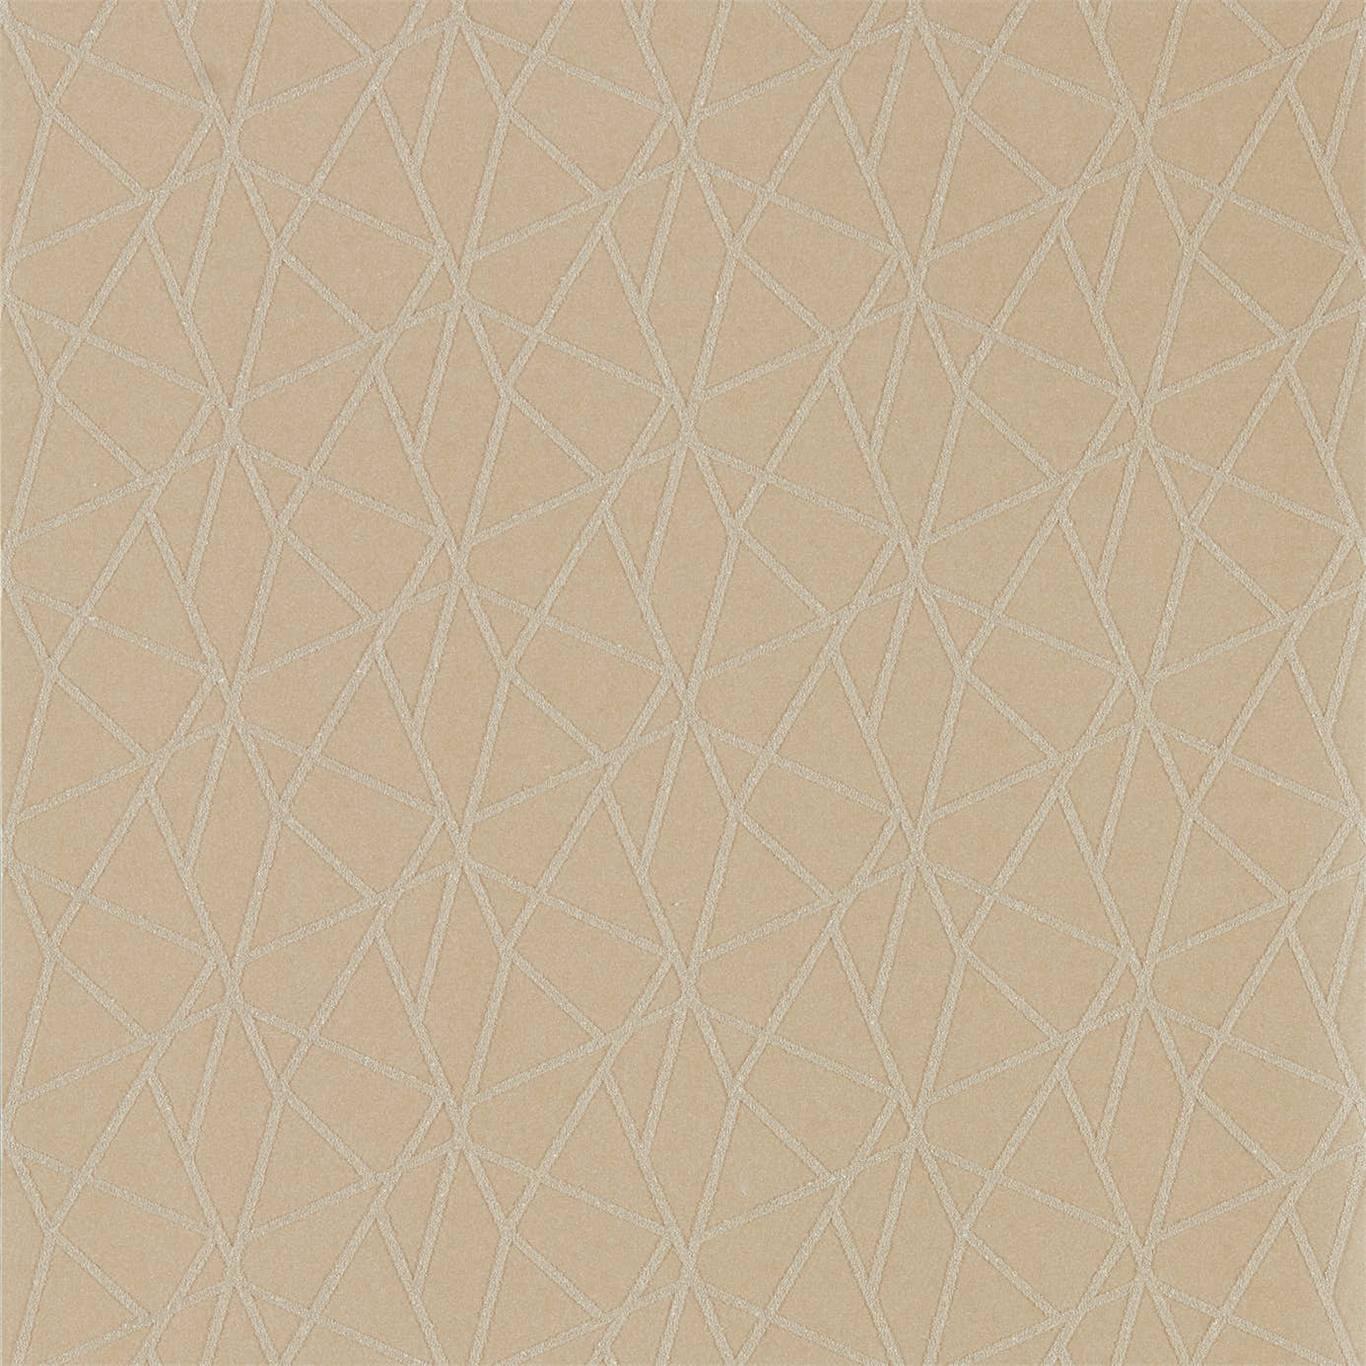 tapetai tapetai Harlequin, Momentum 5, Zola Shimmer, 111975